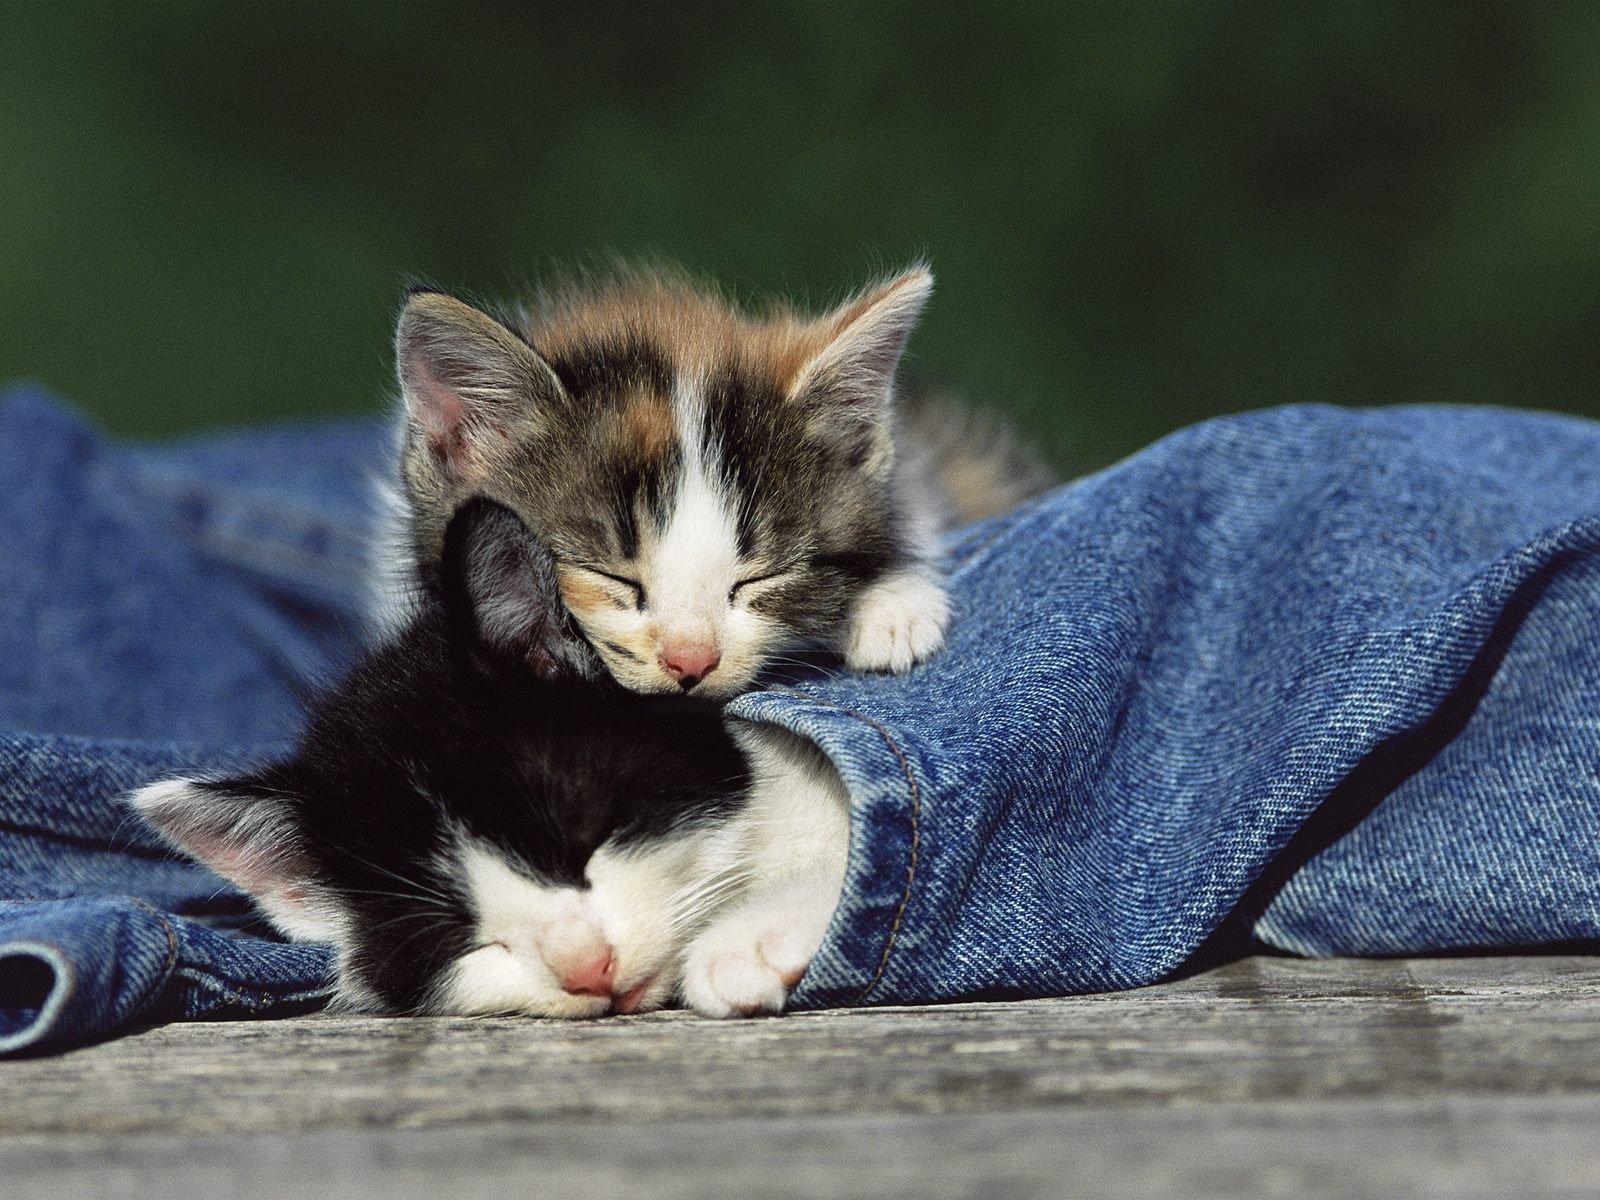 фото спящие котята представлена матовым коричневым